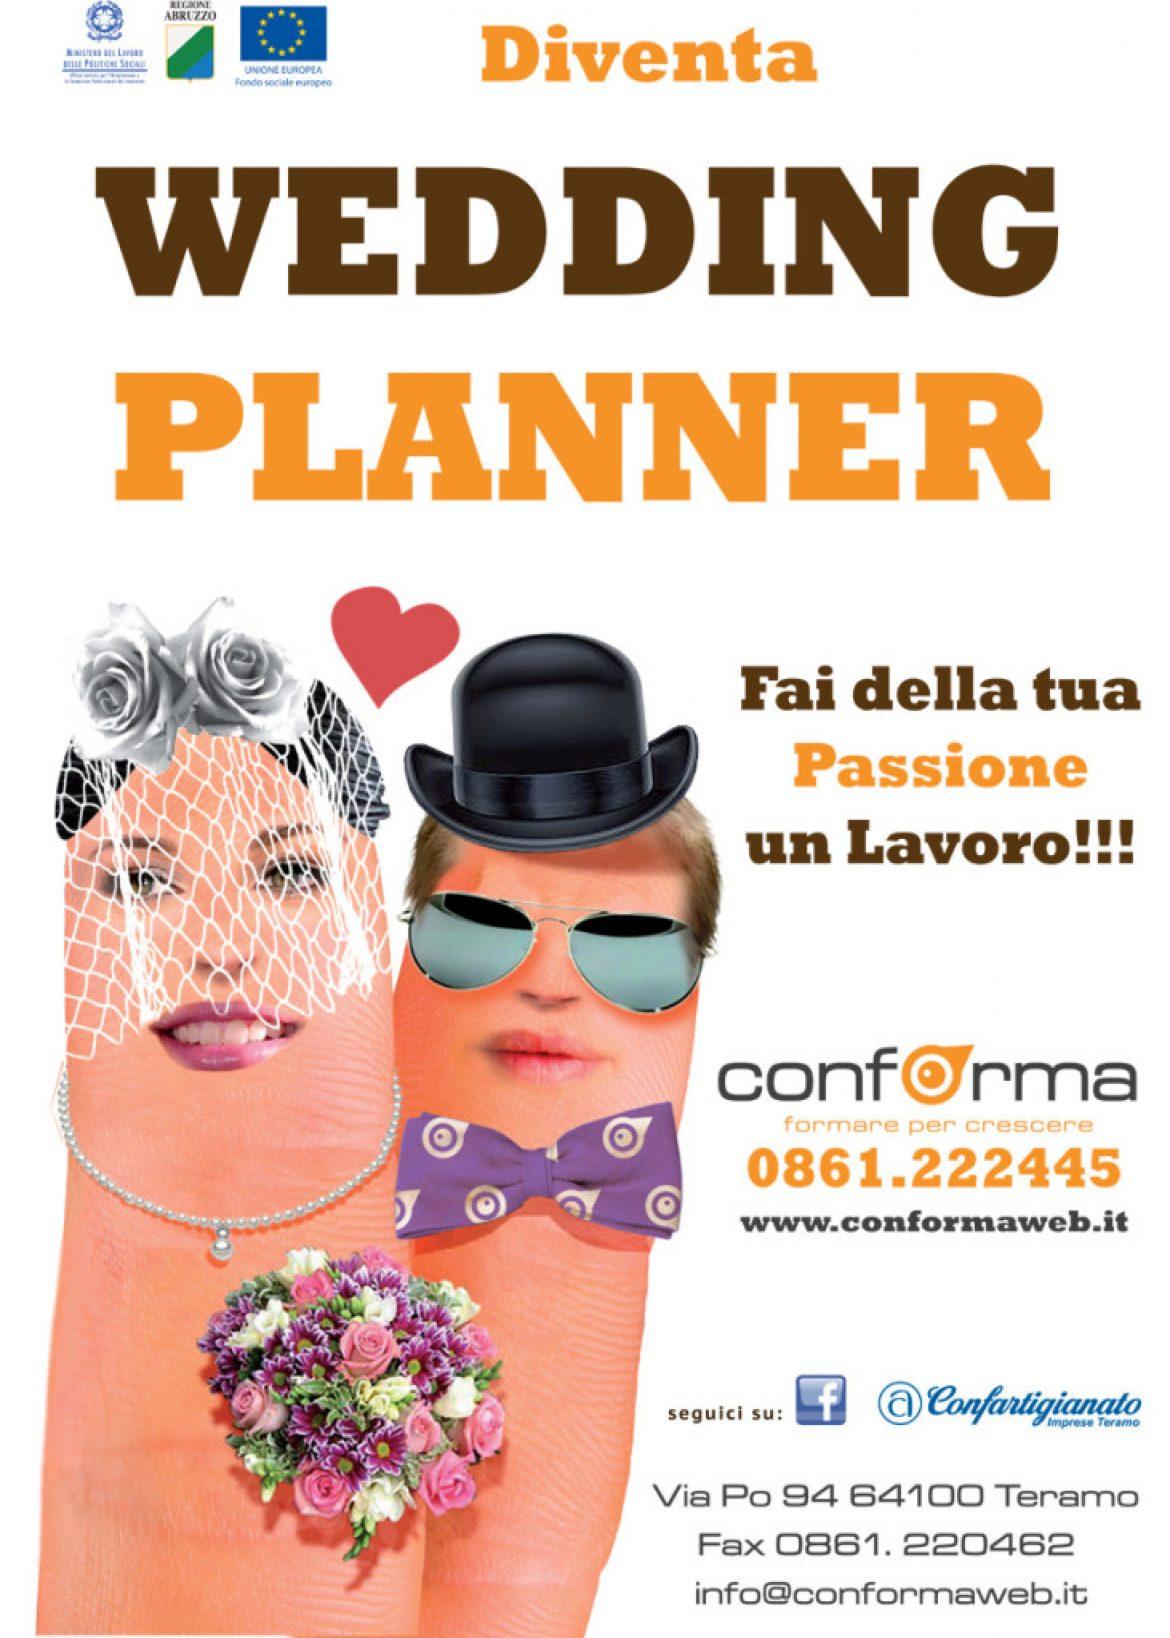 Corso di formazione per WEDDING PLANNER